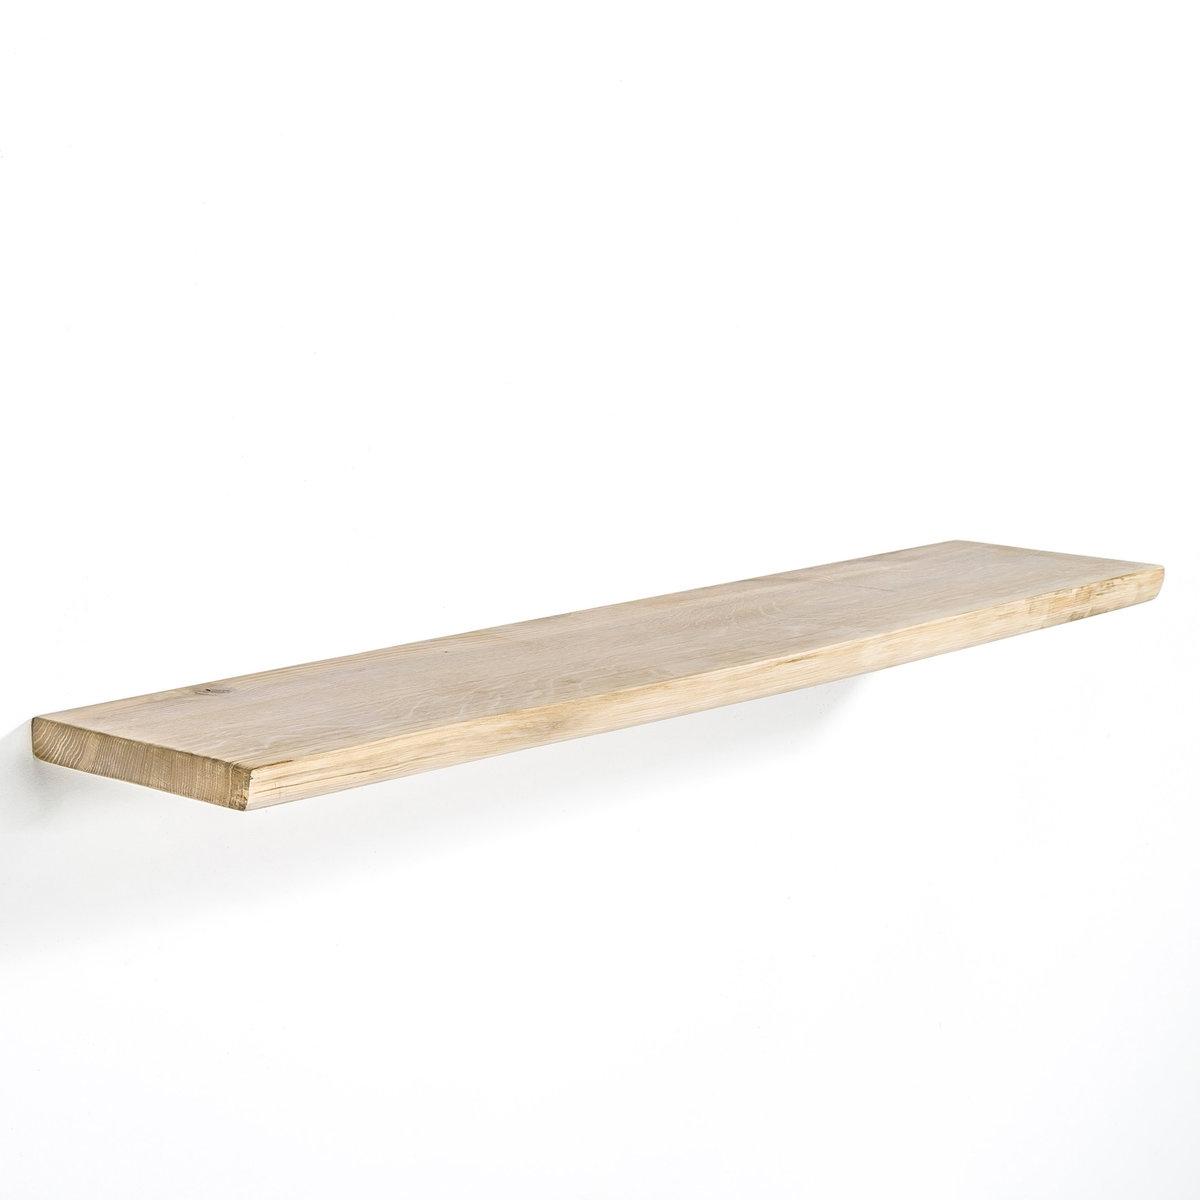 Полка настенная EDWIN из массива дубаНебрежный, естественный стиль. Имитирует крону дерева.Характеристики:- Из массива дуба, естественная отделка, пропитка воском. - Невидимые крепления. Размеры: - Длина 100 см x глубина 22 см x глубина 3 см.<br><br>Цвет: натуральный дуб<br>Размер: единый размер